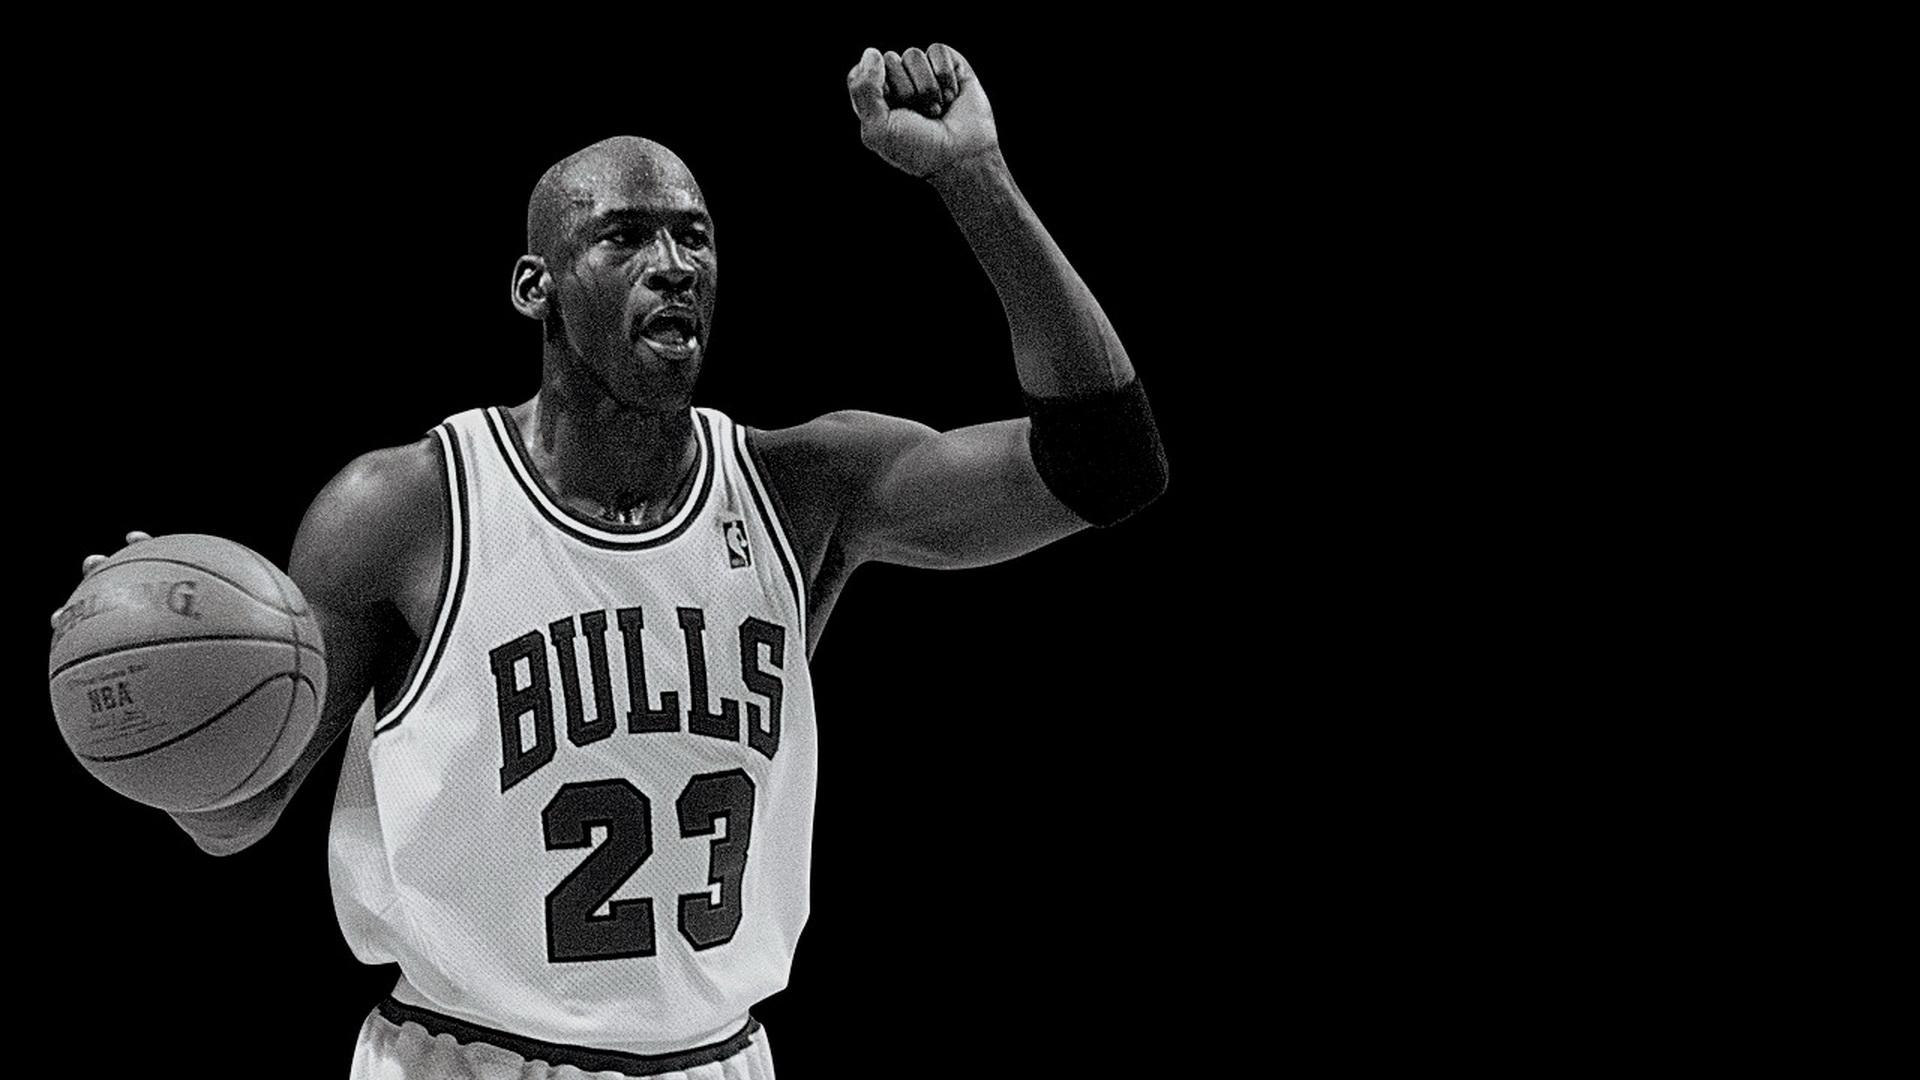 ESPN y Netflix en asociación para realizar un documental de Michael Jordan